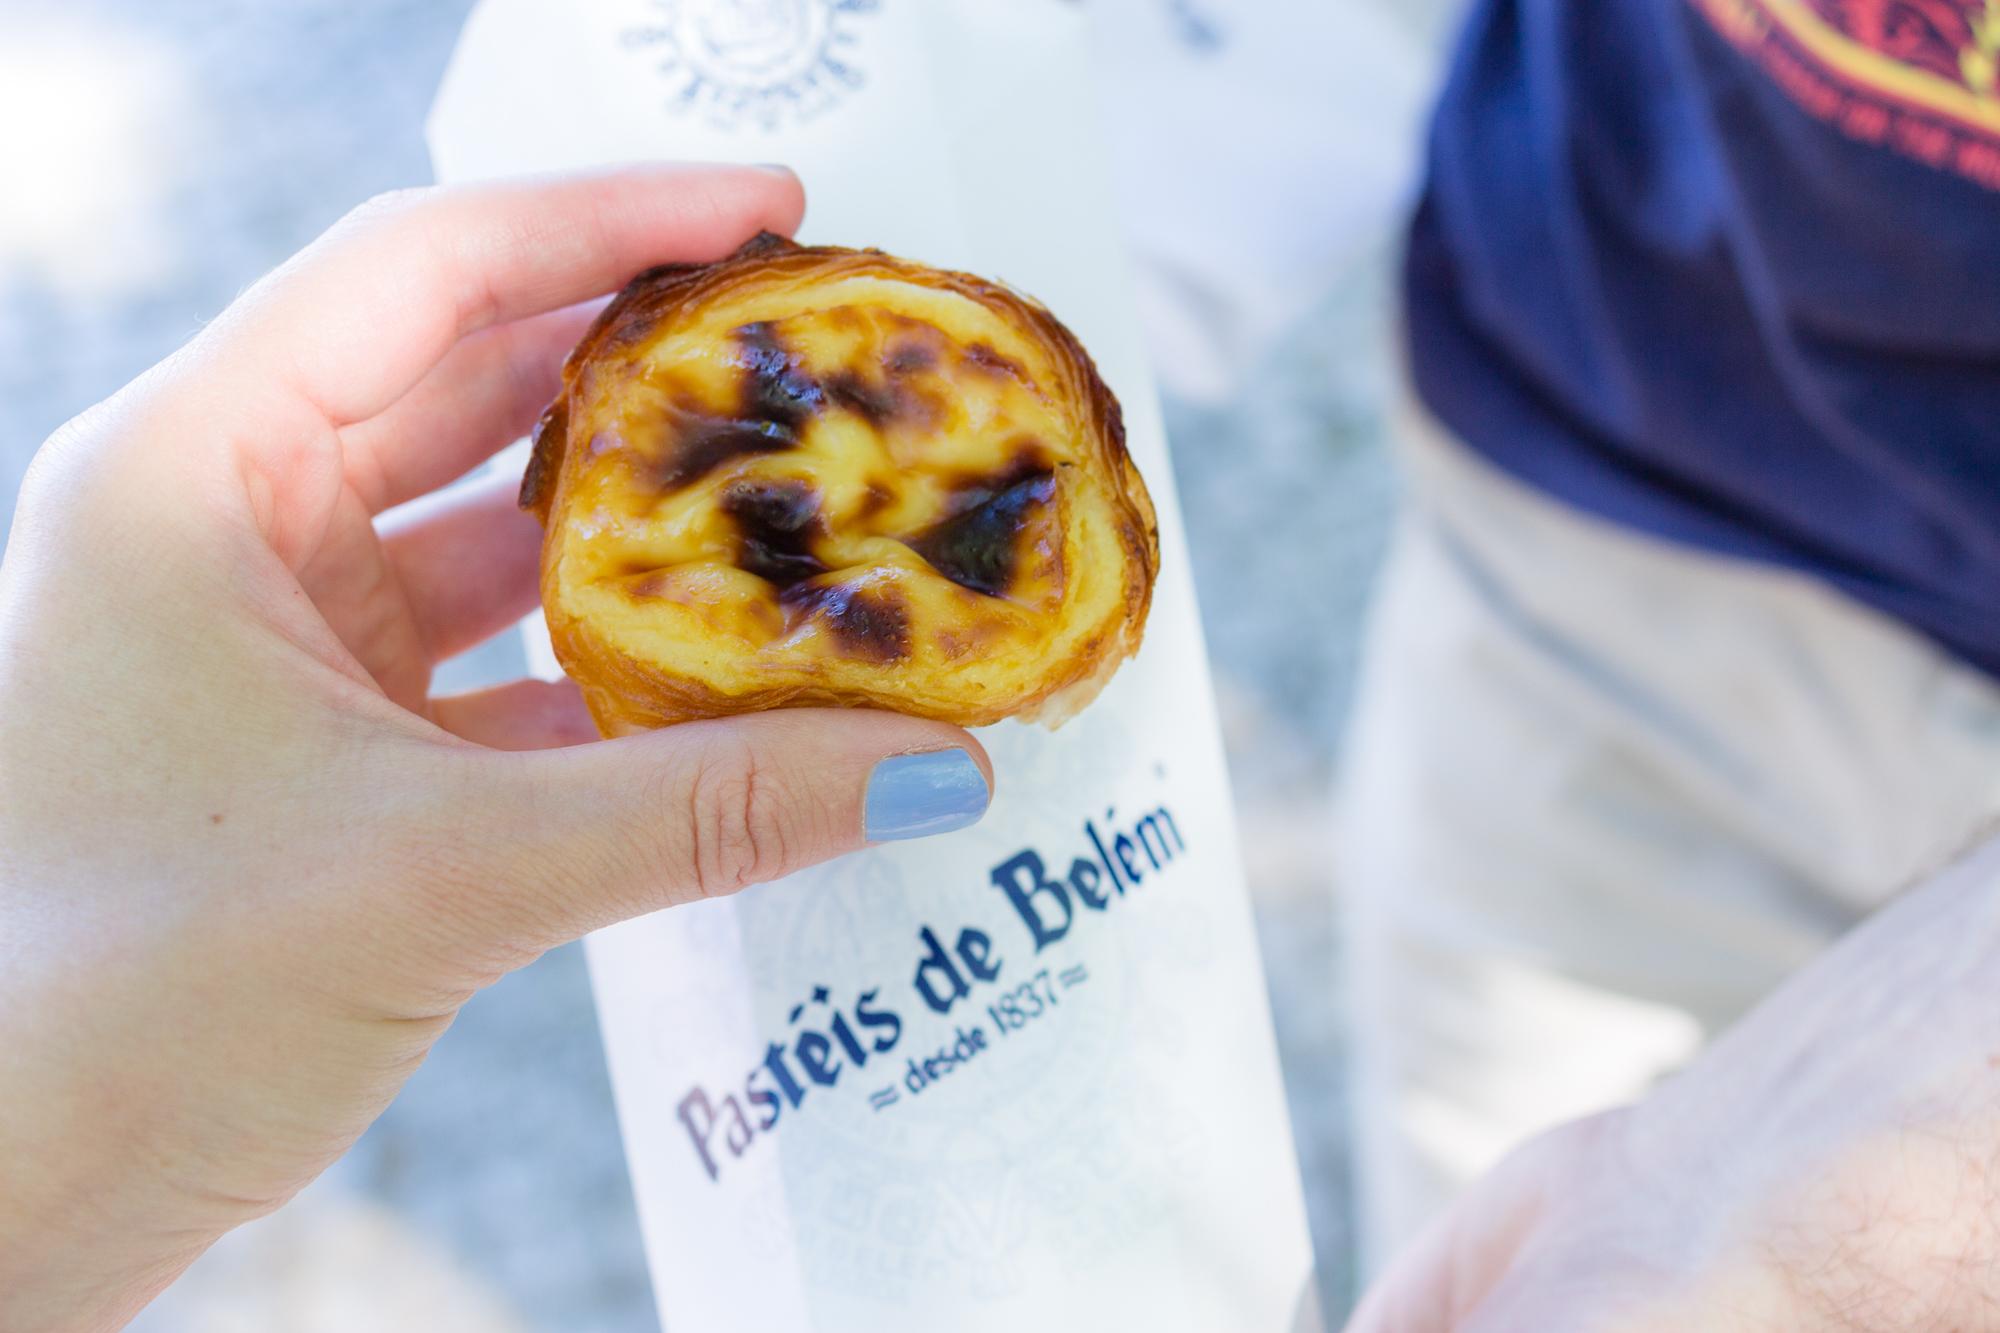 Pasteis de Belém avec son emballage, Lisbonne, Portugal